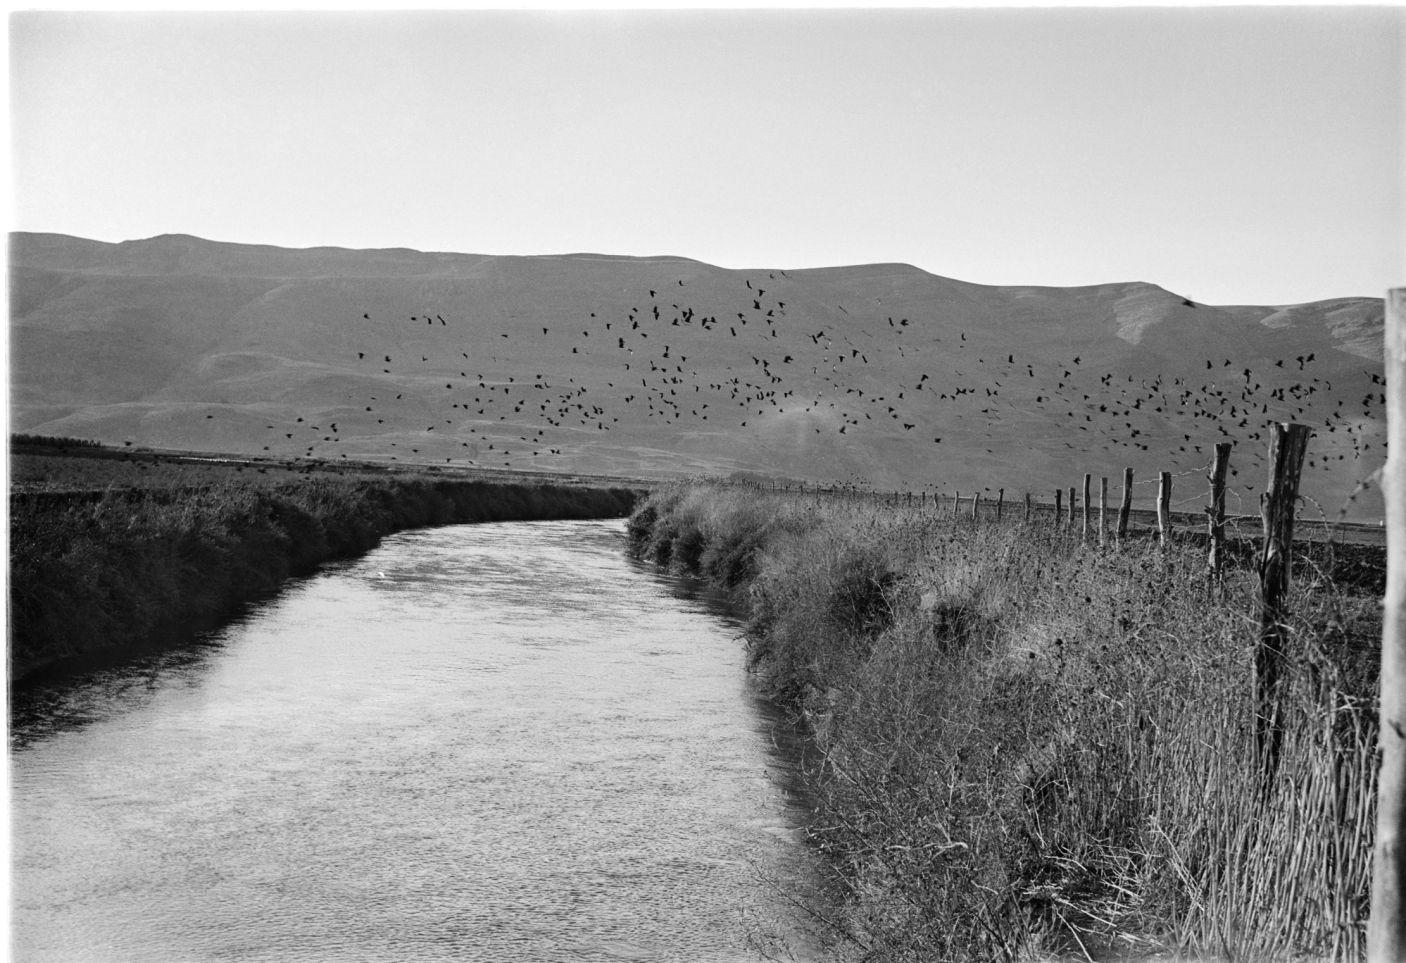 Kfar Blum, 1946. Rudi Weissenstein photo